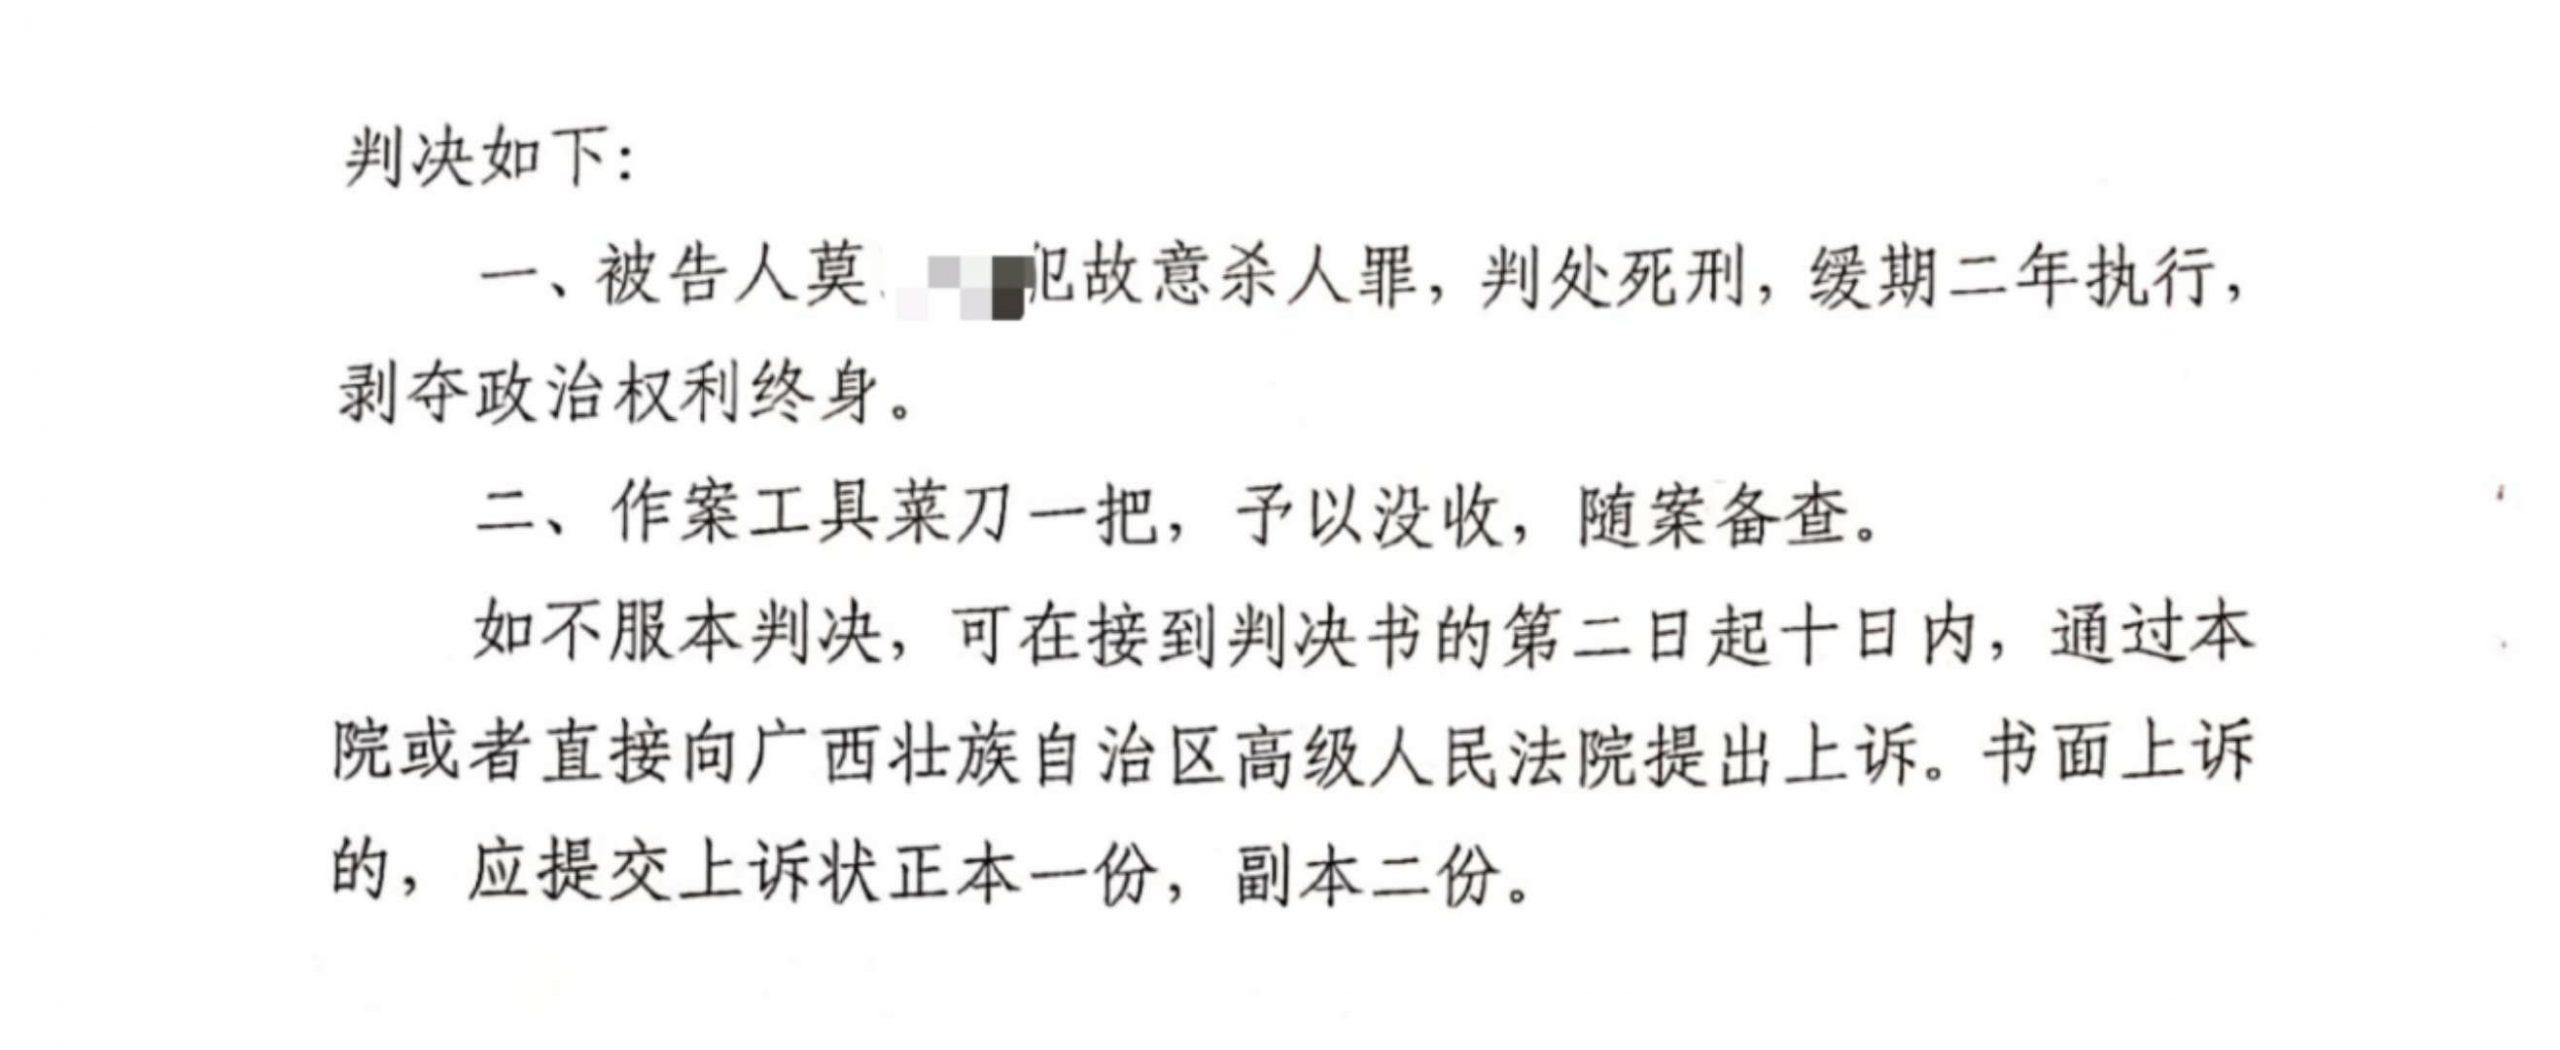 『成功案例』『贺州律师』雷新林律师辩护莫某某故意杀人罪一案